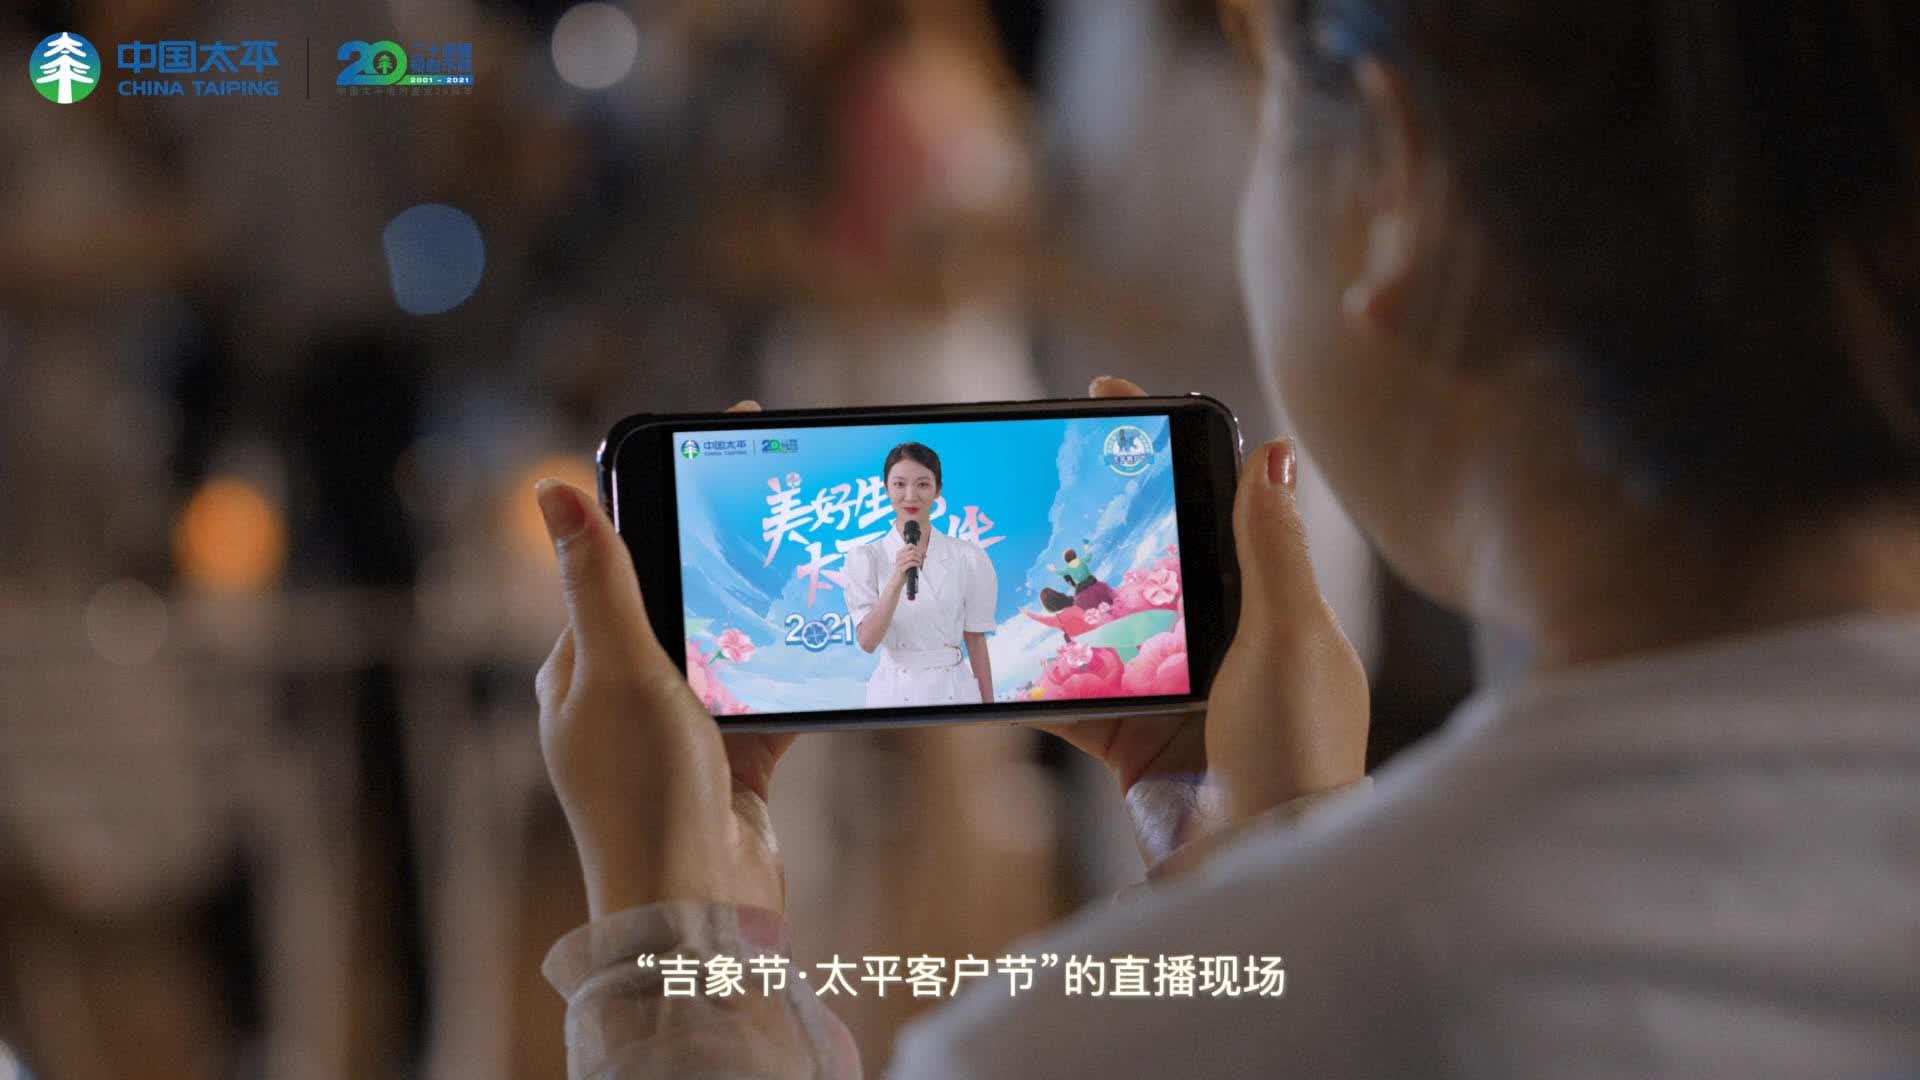 2021太平客户节宣传片